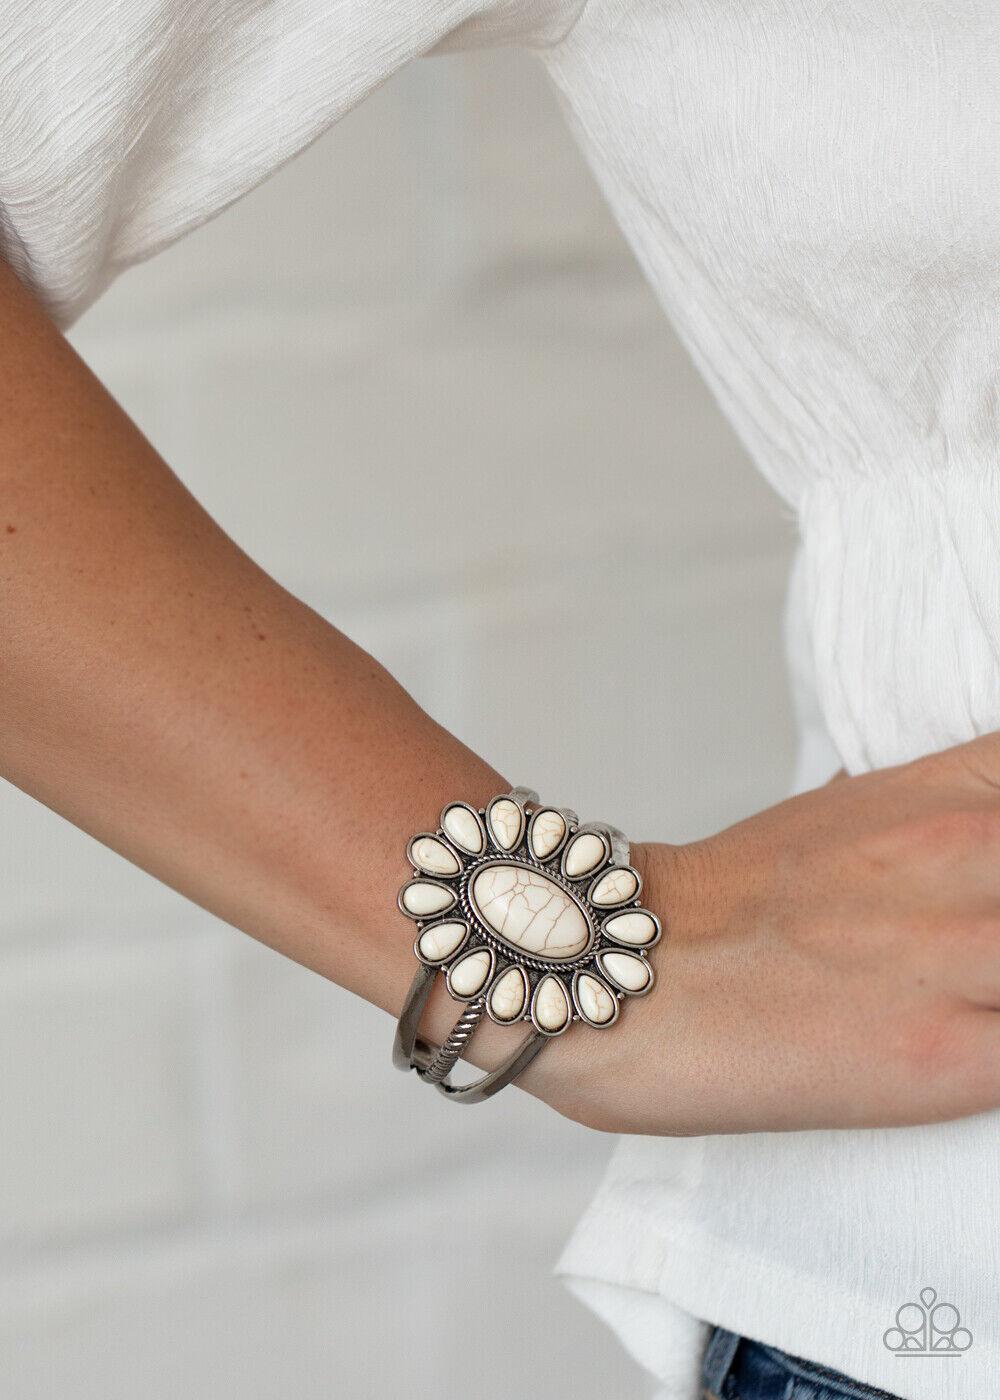 Geometric flower pattern cuff bracelet